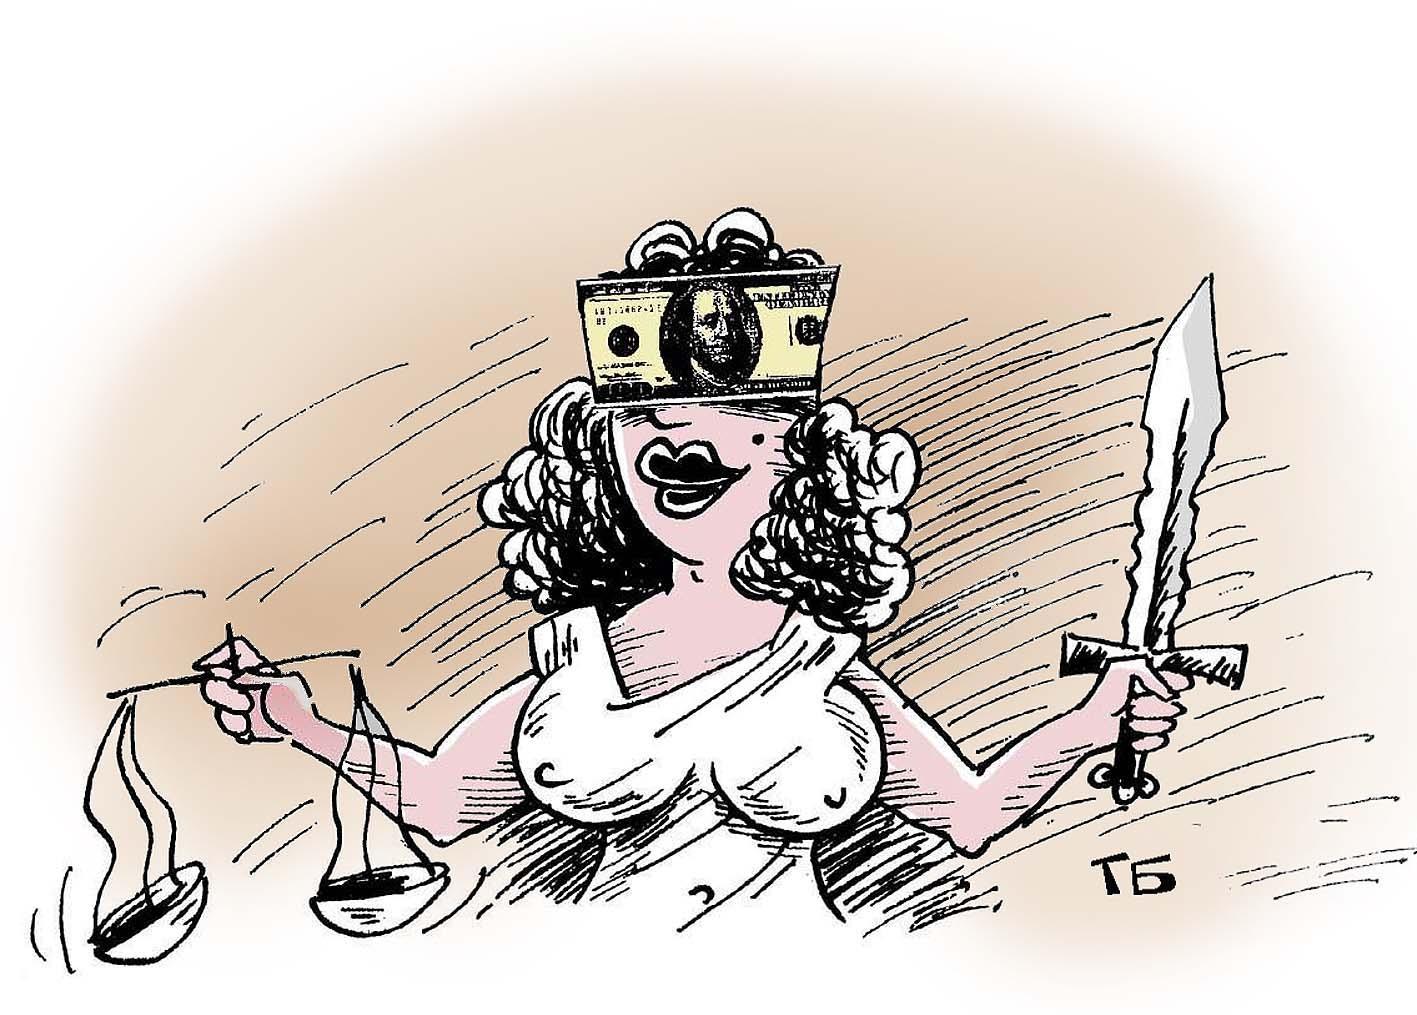 юмор о правосудии в картинках простой очень